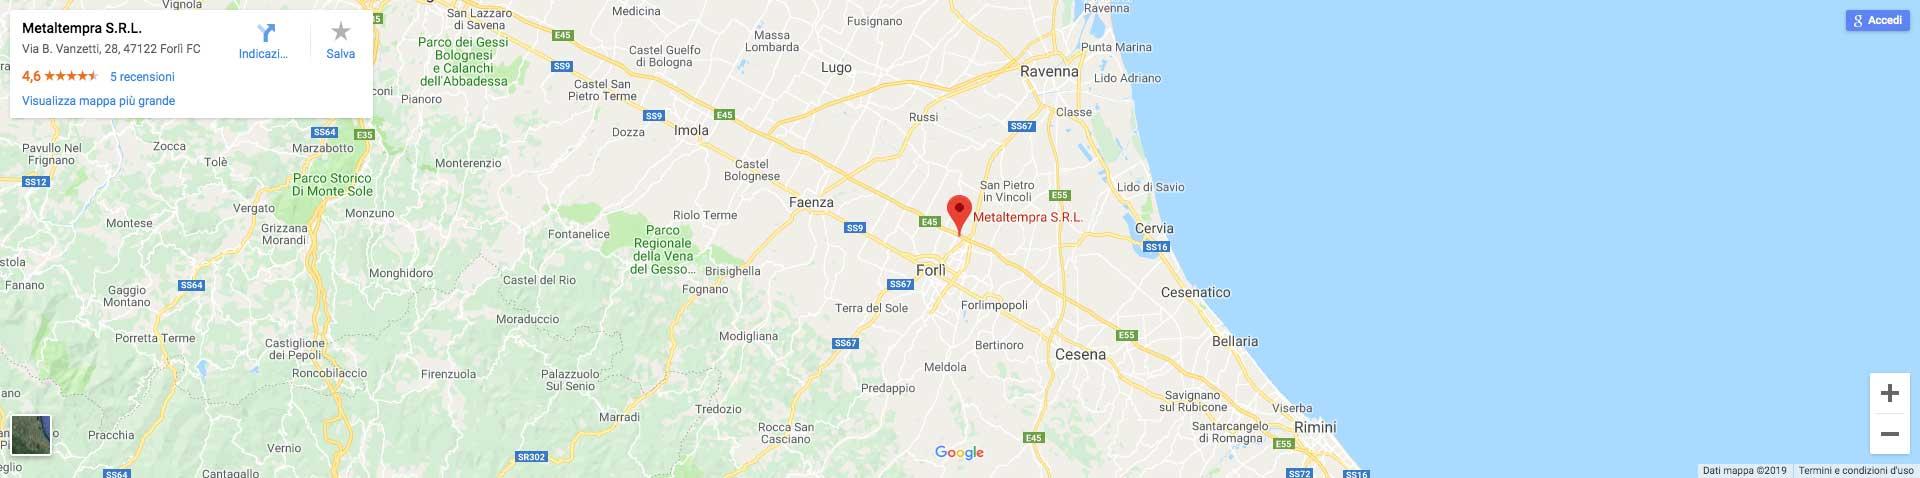 Mappa indirizzo Metaltempra